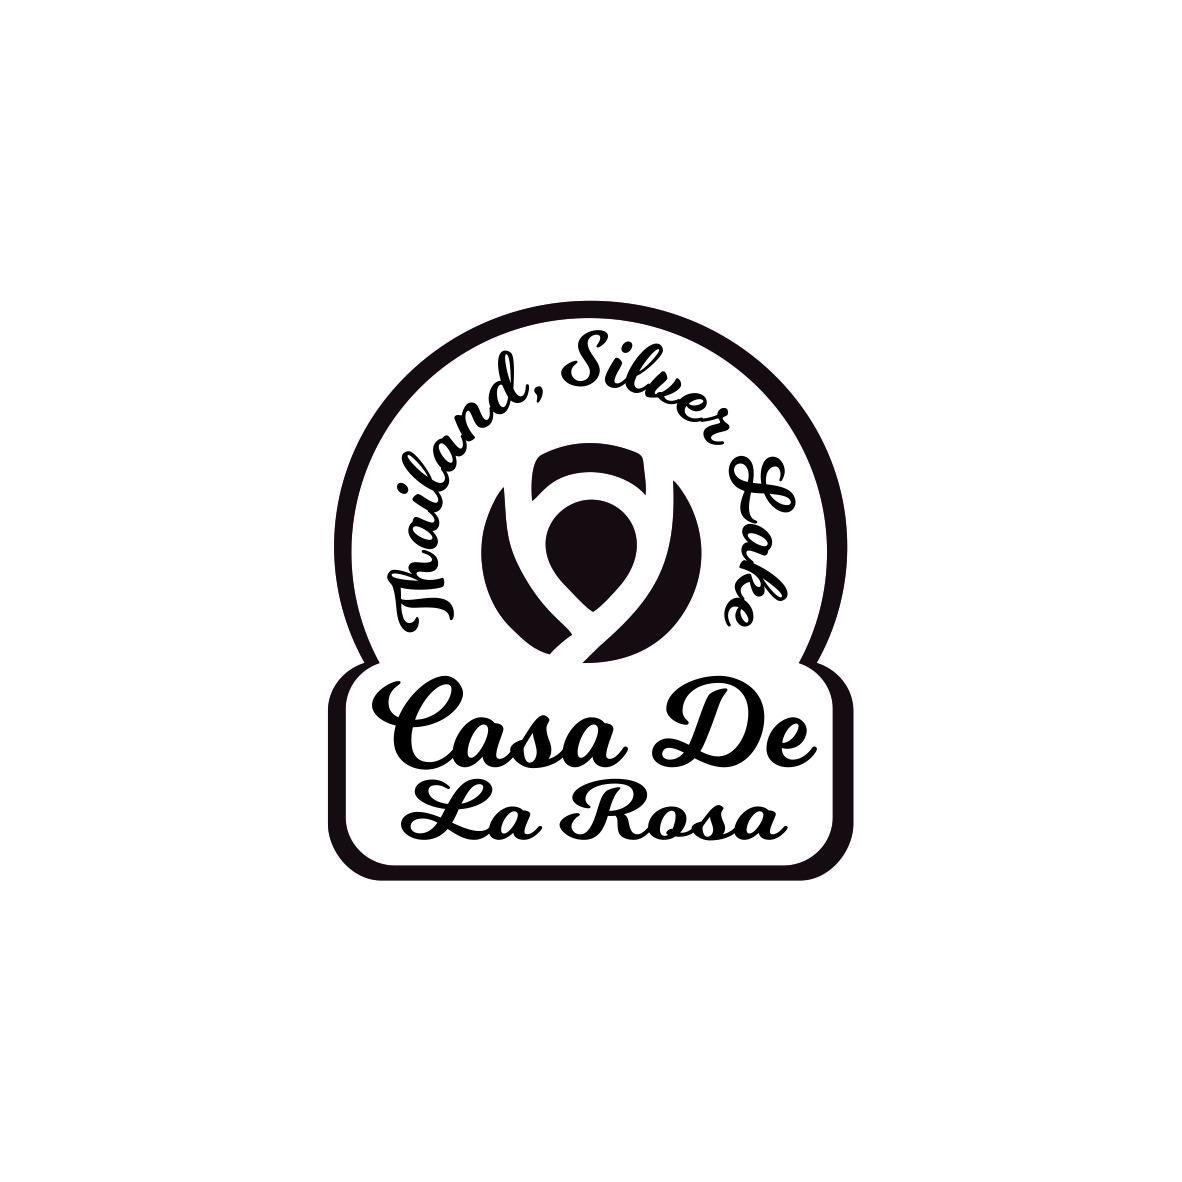 Логотип + Фирменный знак для элитного поселка Casa De La Rosa фото f_5245cd2f7154fc9c.jpg